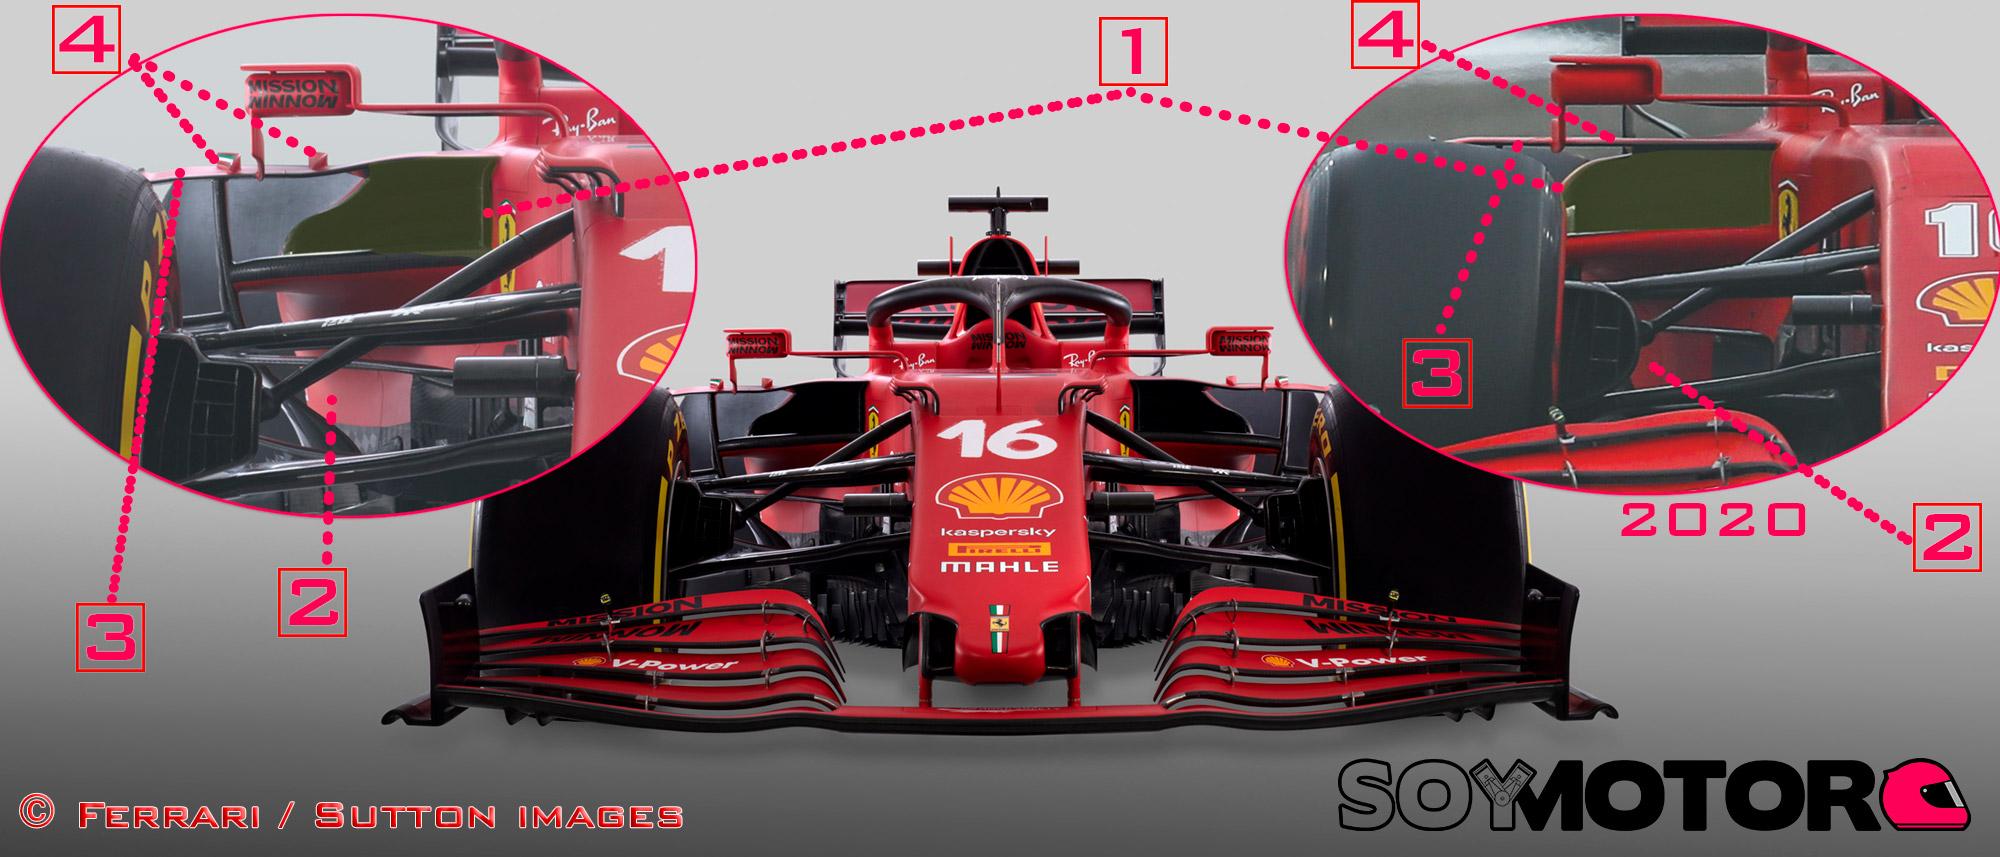 ferrari-sf21-pontones-y-deflectores-vision-delantera-soymotor.jpg